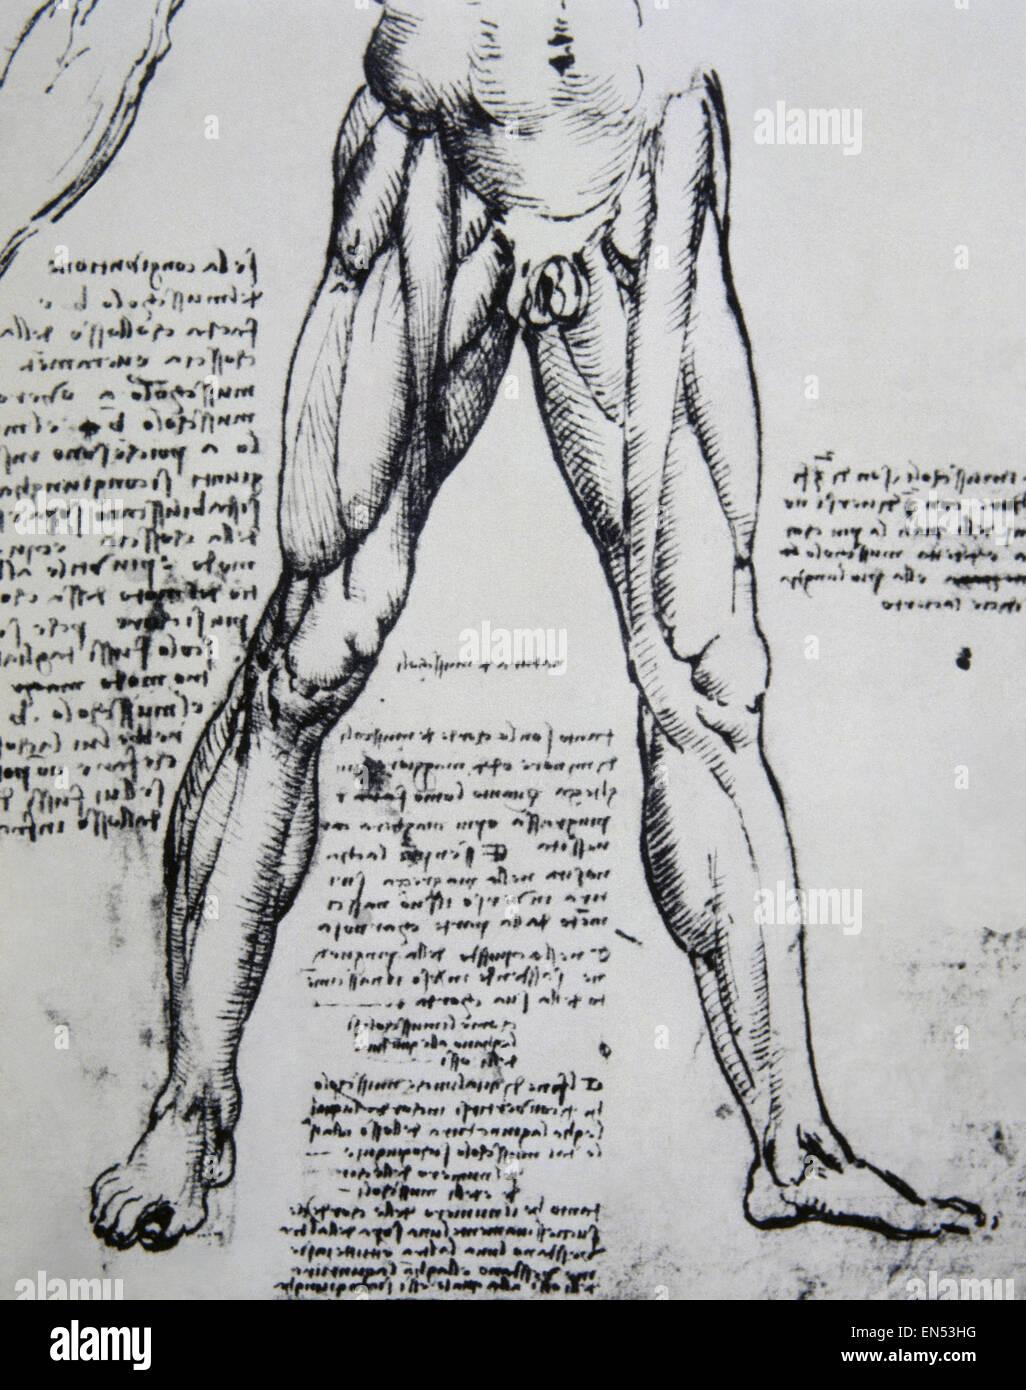 Fantastisch Leonardo Da Vinci Anatomie Skizzen Ideen - Menschliche ...